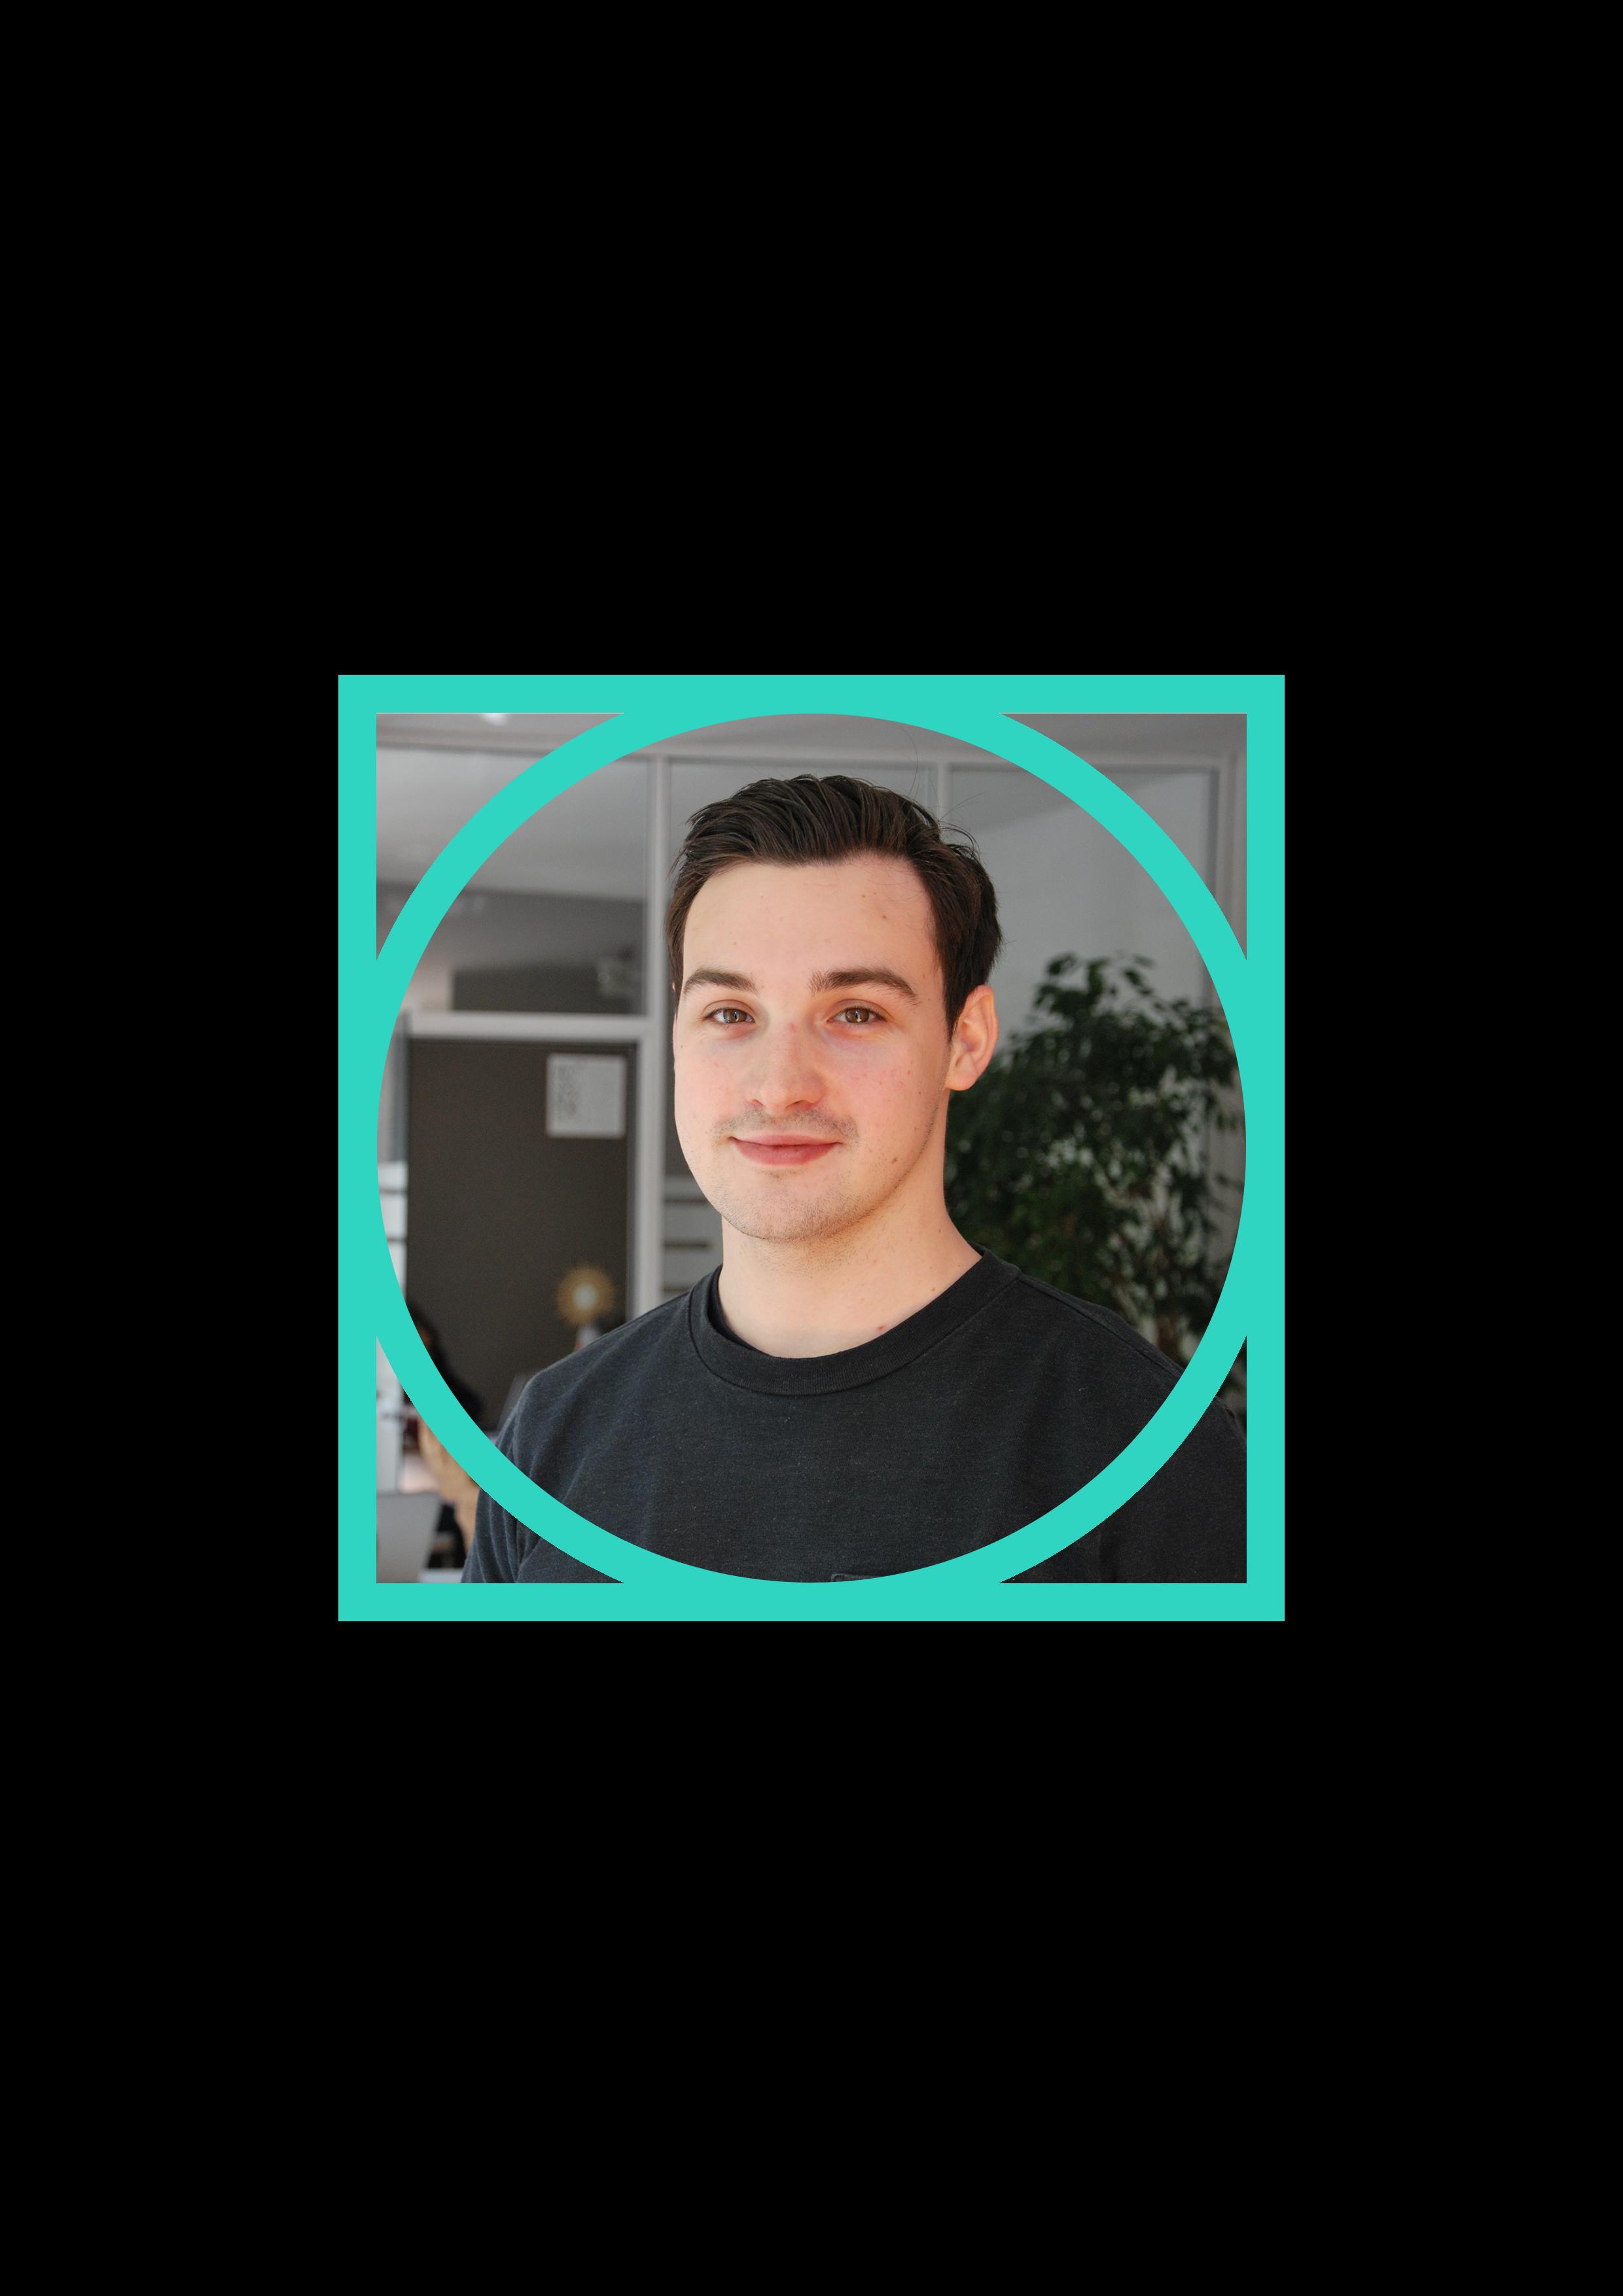 Quentin - Brand & Content Manager   Le trouble-fête en chef, designer de génie entre deux blagues plus ou moins drôles ! Son style social :  #explorer #entrepreneur   Suivez son parcours sur  LinkedIn  !  #design #ambianceur #iicp